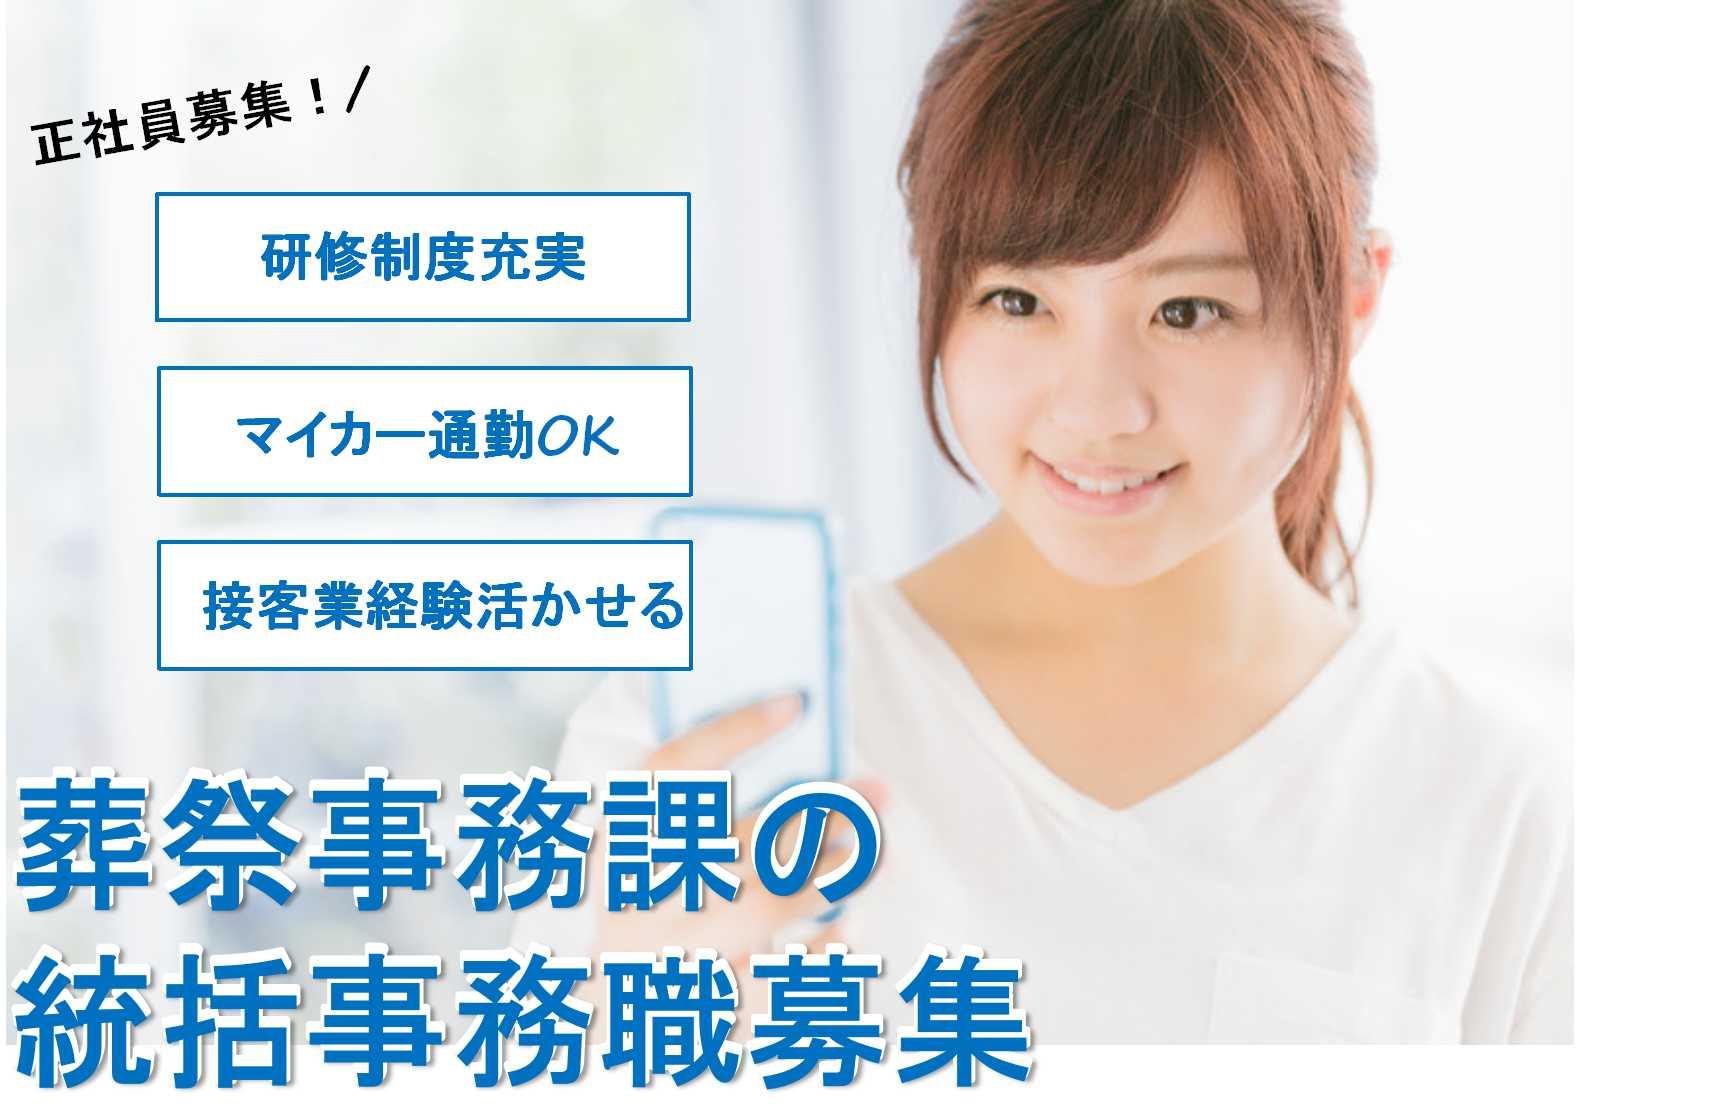 【名古屋市西区】事務メインなのに接客業経験が活かせる!PCできる方歓迎!葬祭事務課の統括事務職【即面談可能】 イメージ